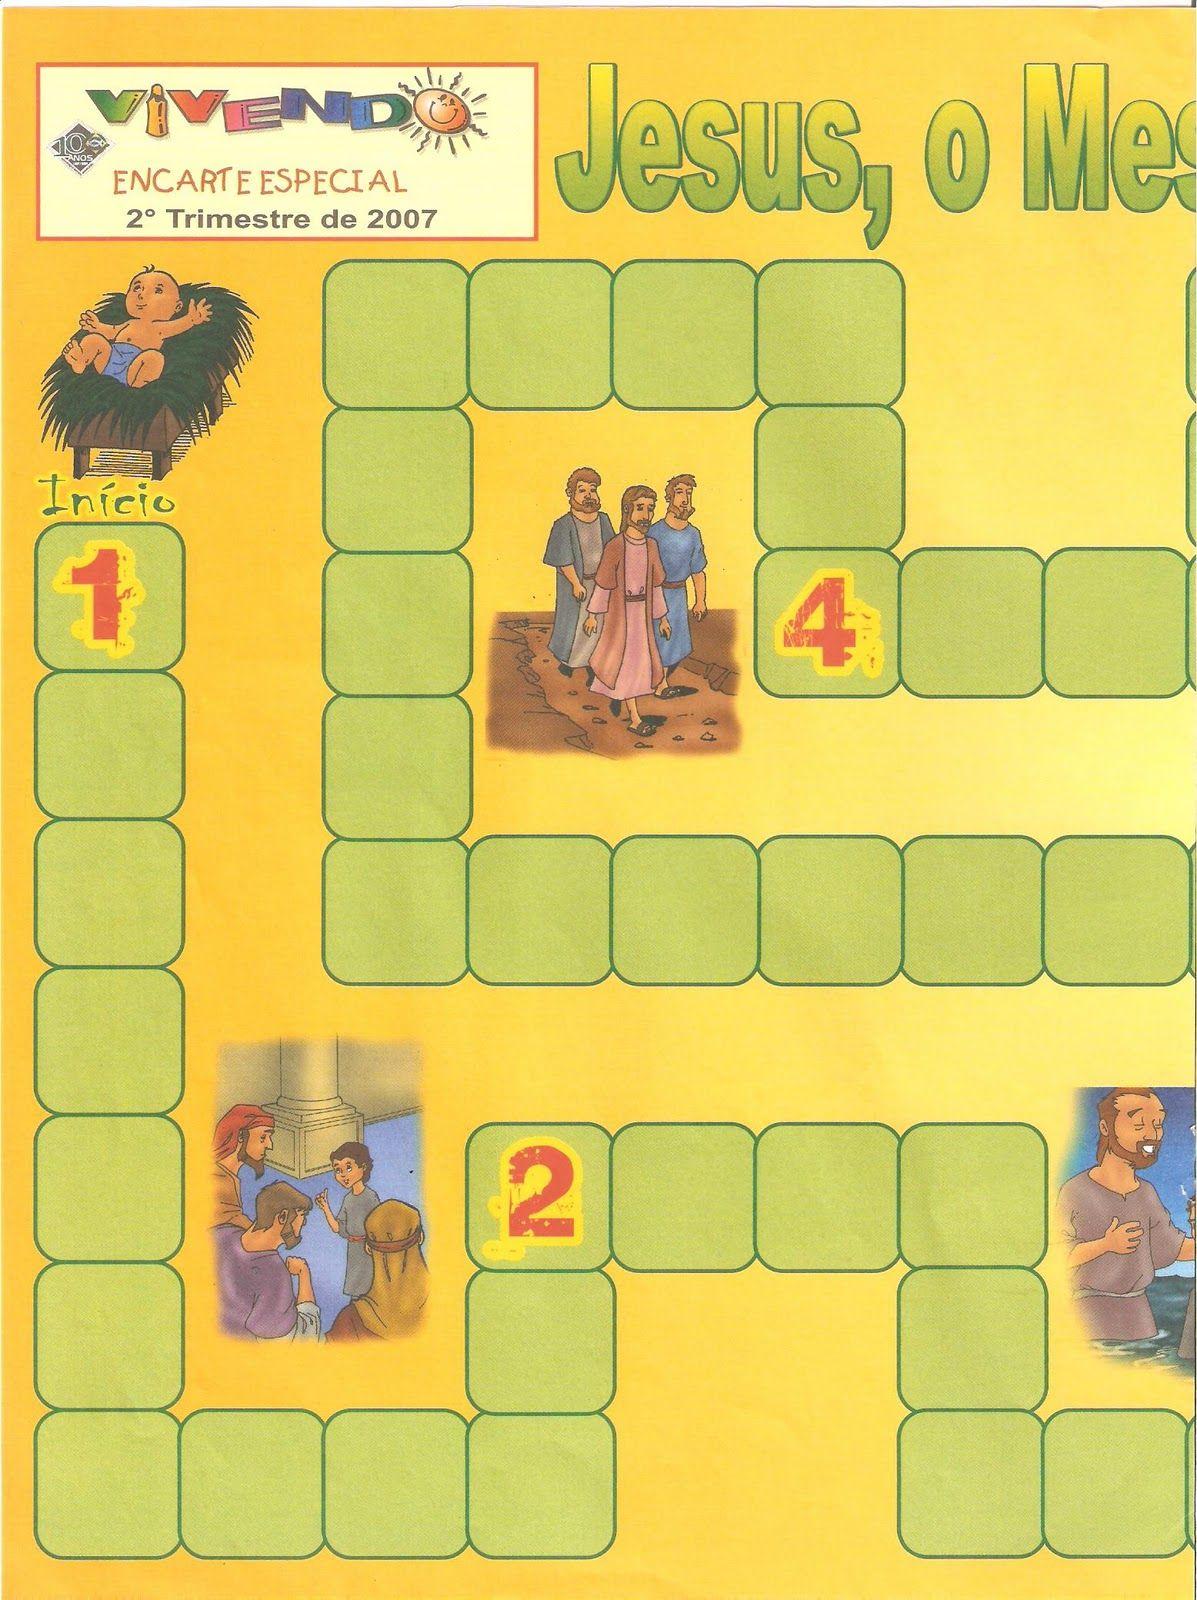 Centro De Jogos 011 Jpg 1197 1600 Brincadeiras Biblicas Ministerio Infantil Infantil